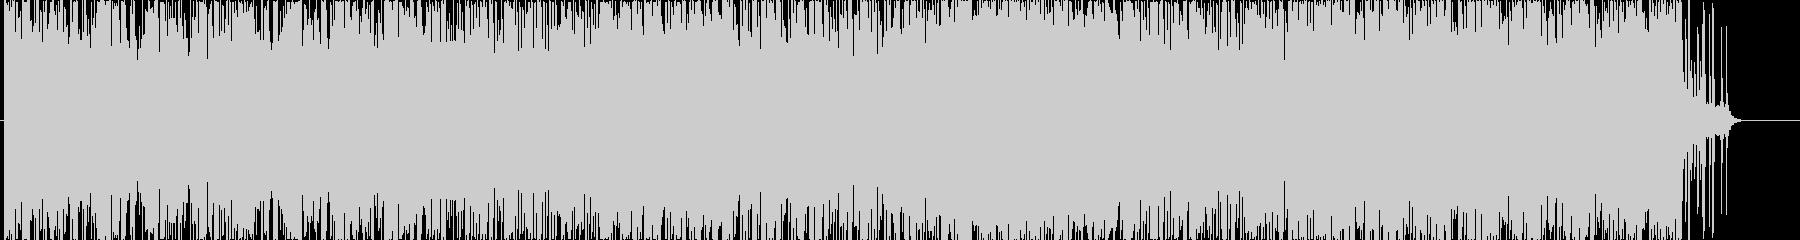 サラチの未再生の波形